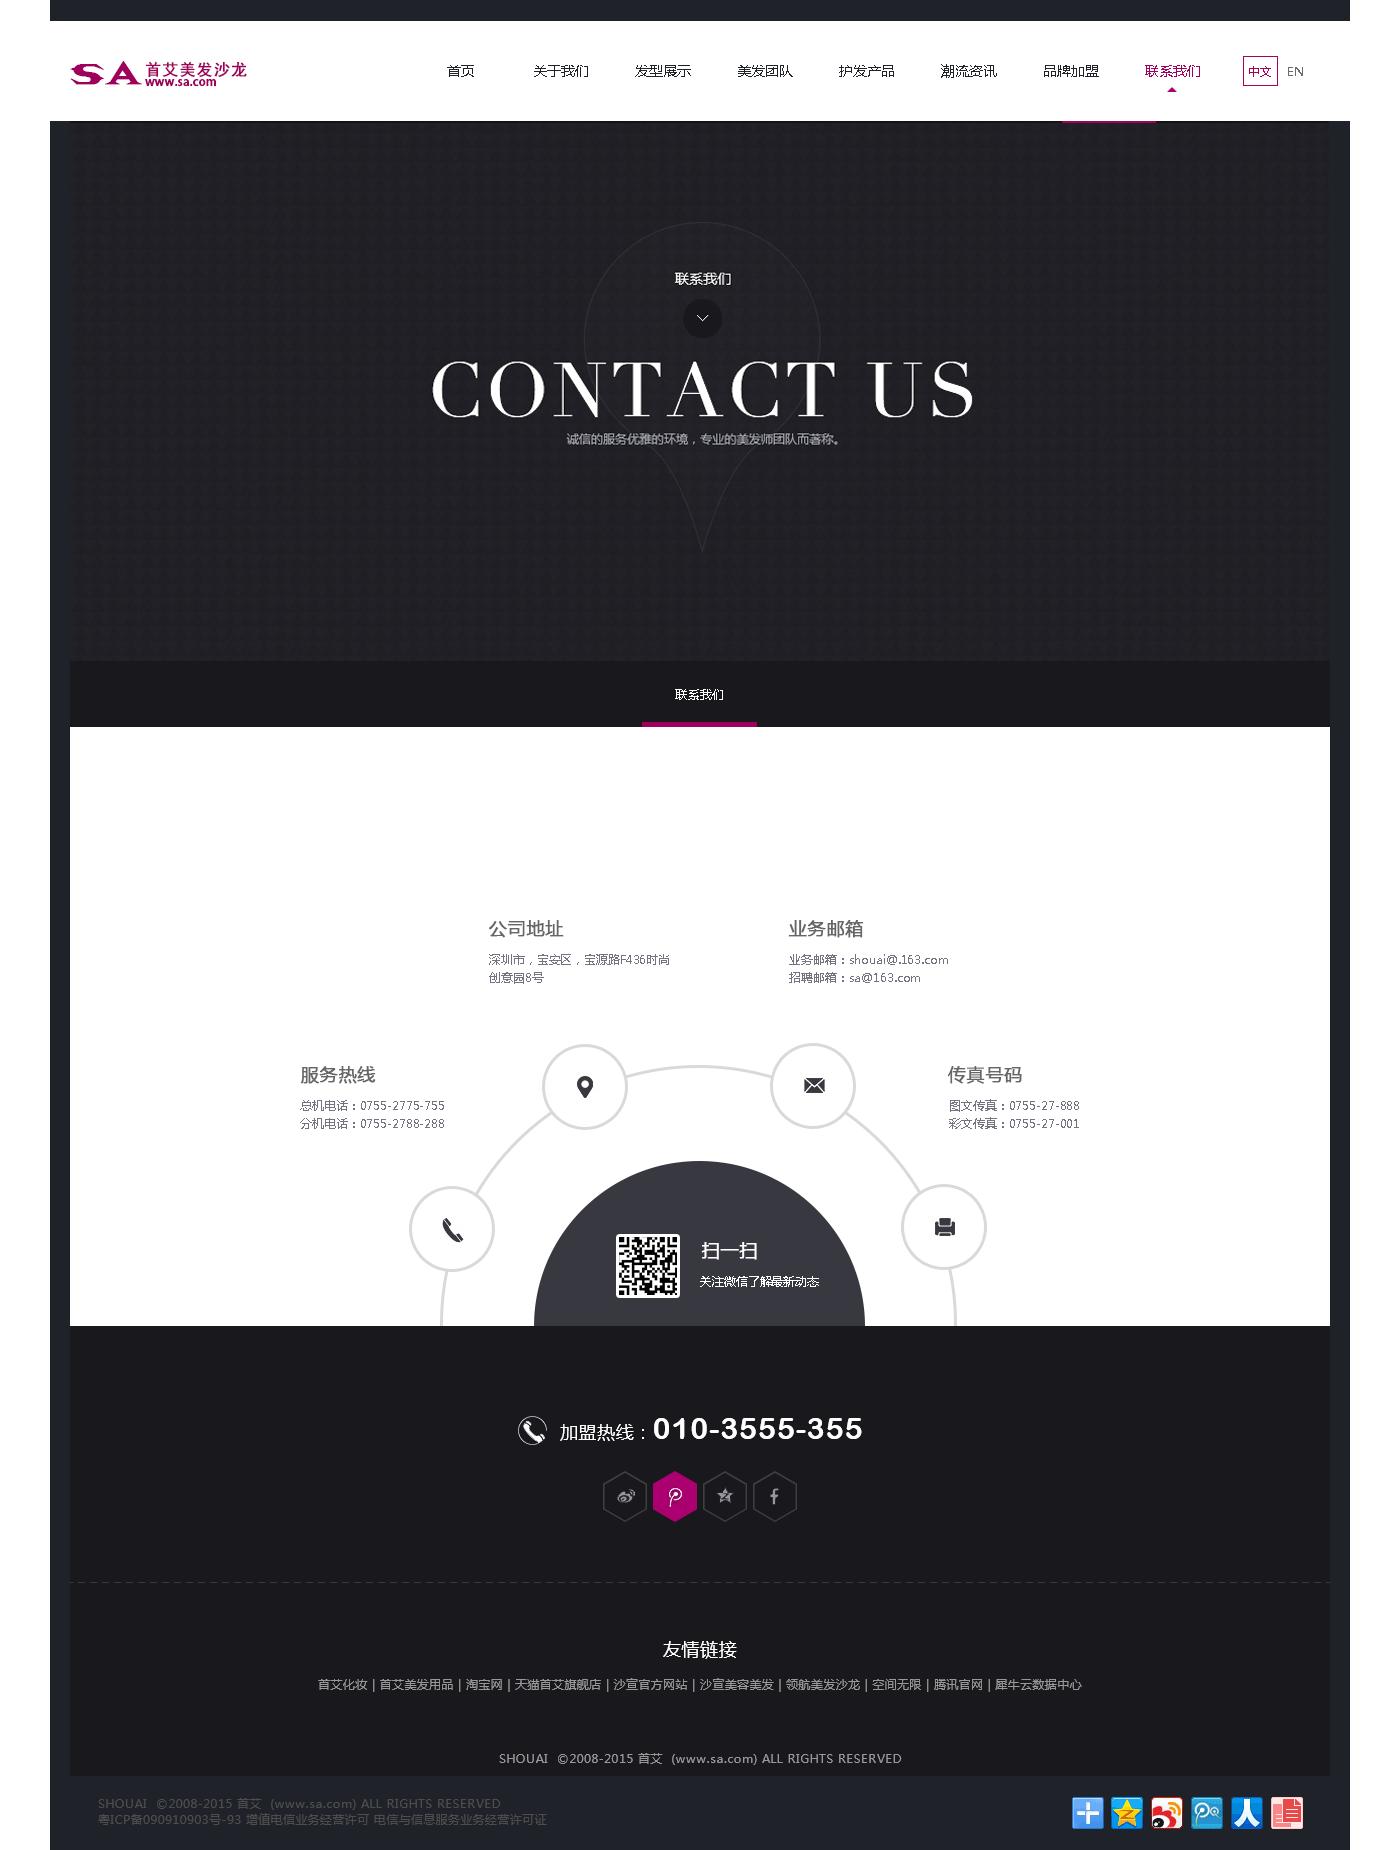 选用黑白色为主,这个网站排版相对个性一些,采用了一些六边形图片